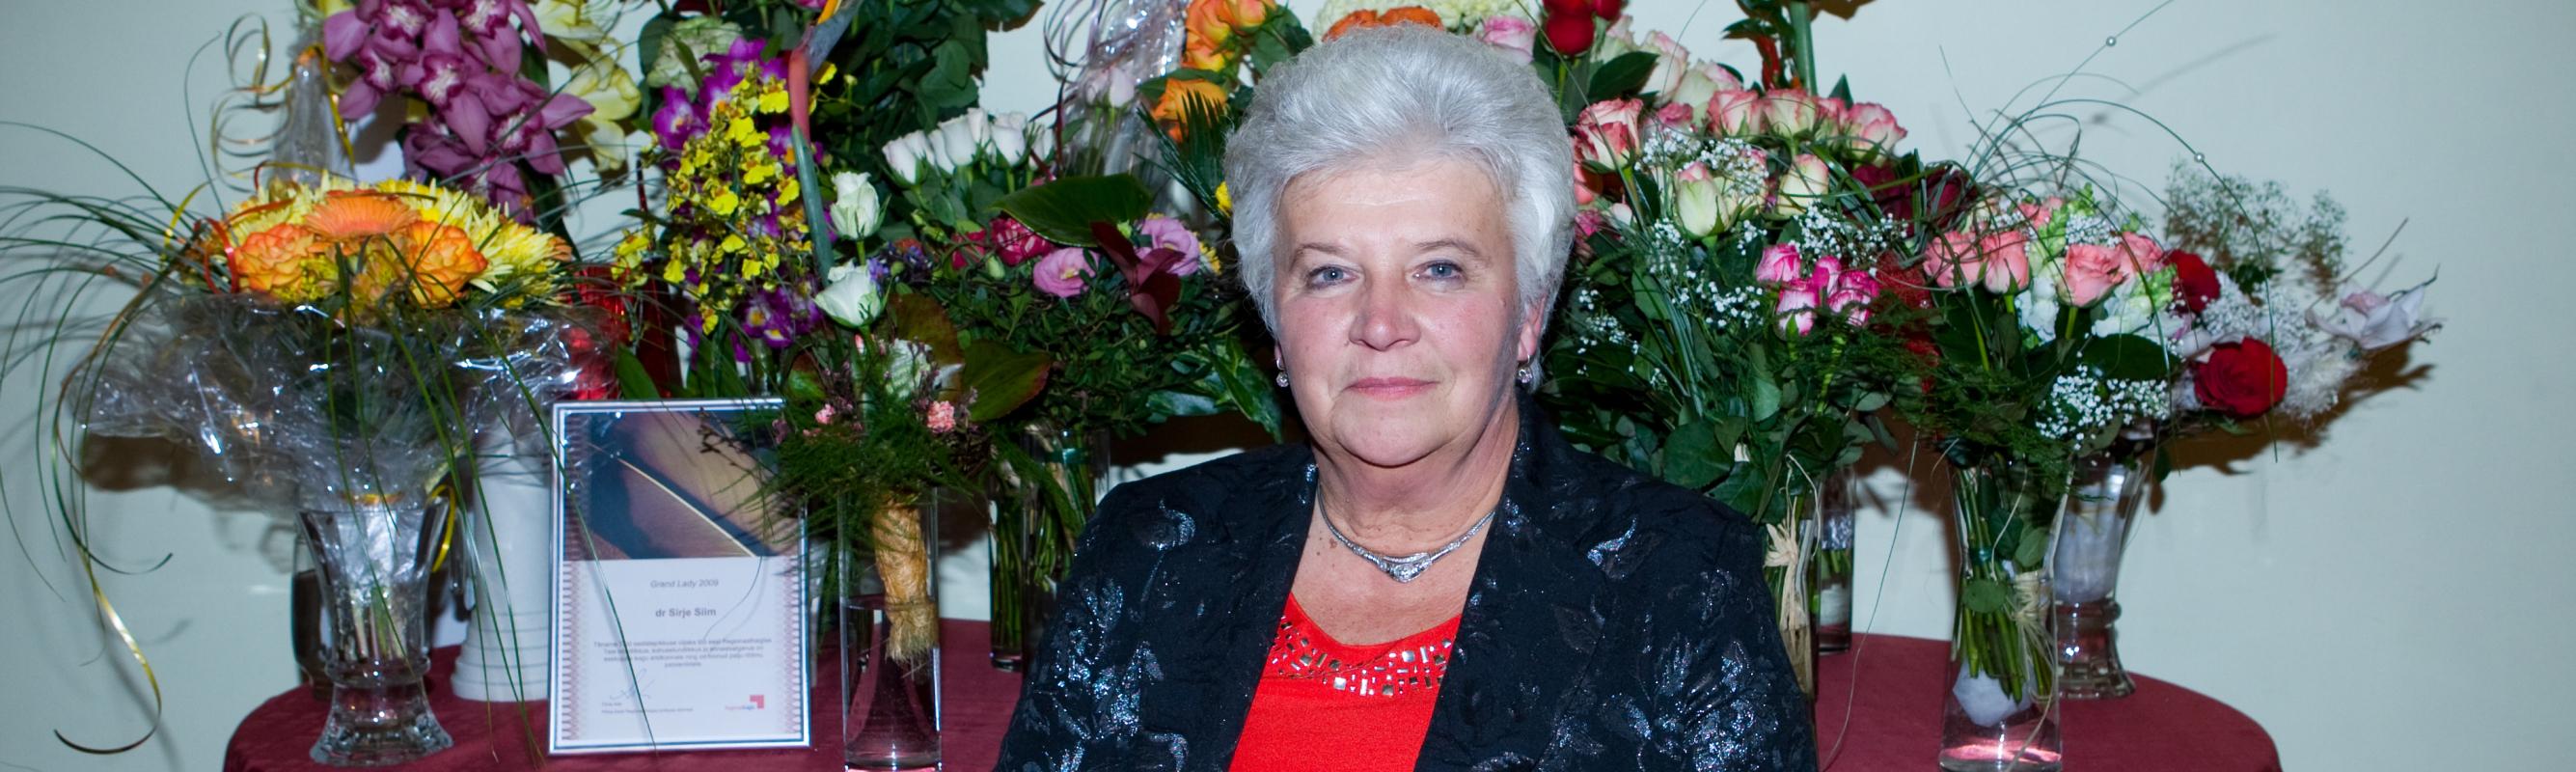 Regionaalhaigla Grand Lady 2009 sisehaiguste arst dr Sirje Siim